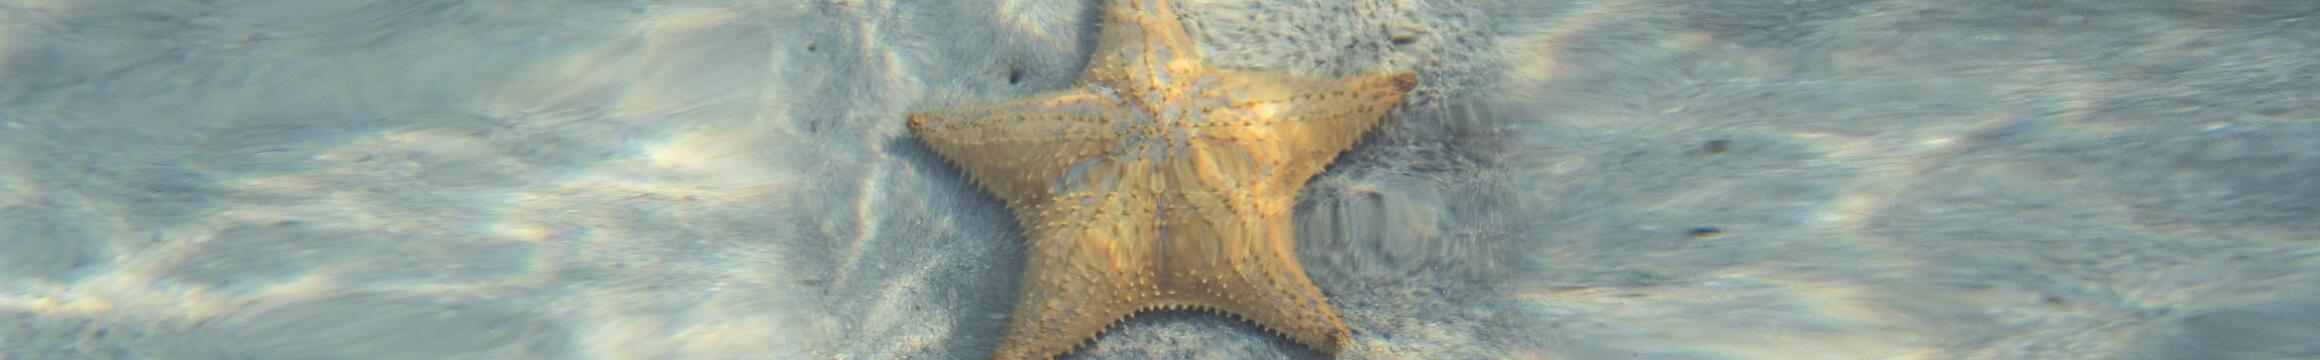 Scuba Oceanlife17